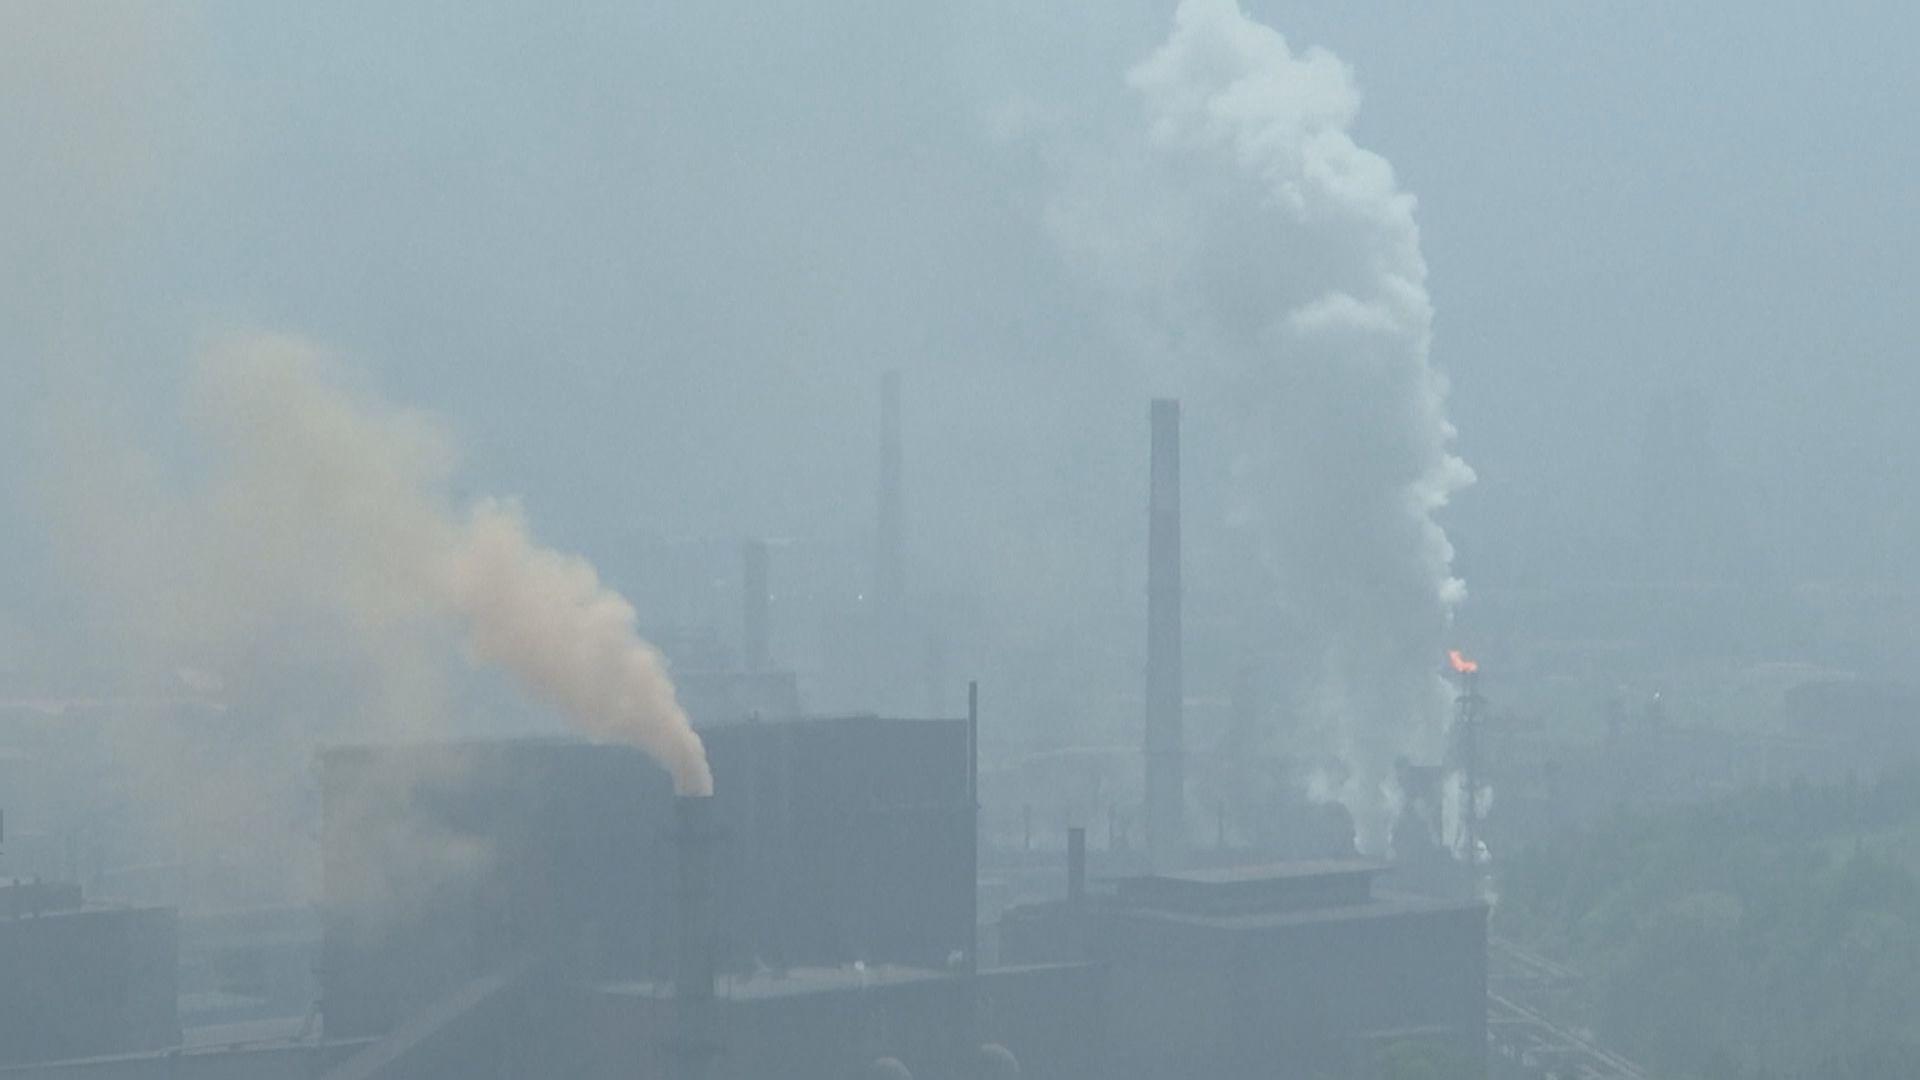 中俄反對將氣候納入維和任務